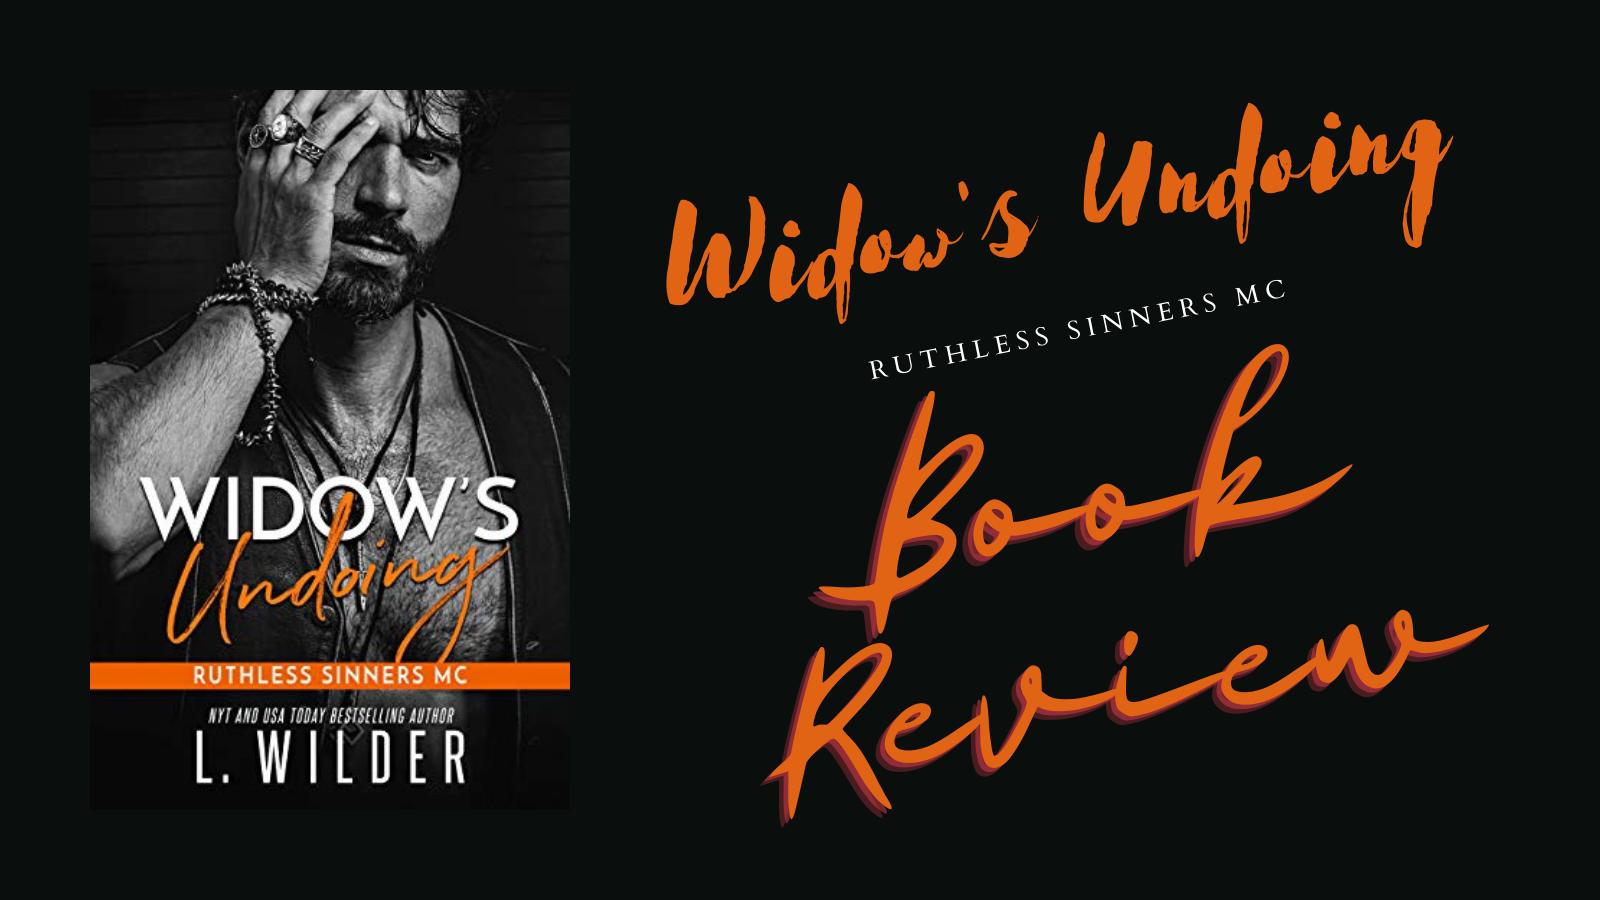 Widow's Undoing – Ruthless Sinners MC – L. Wilder – Book Review